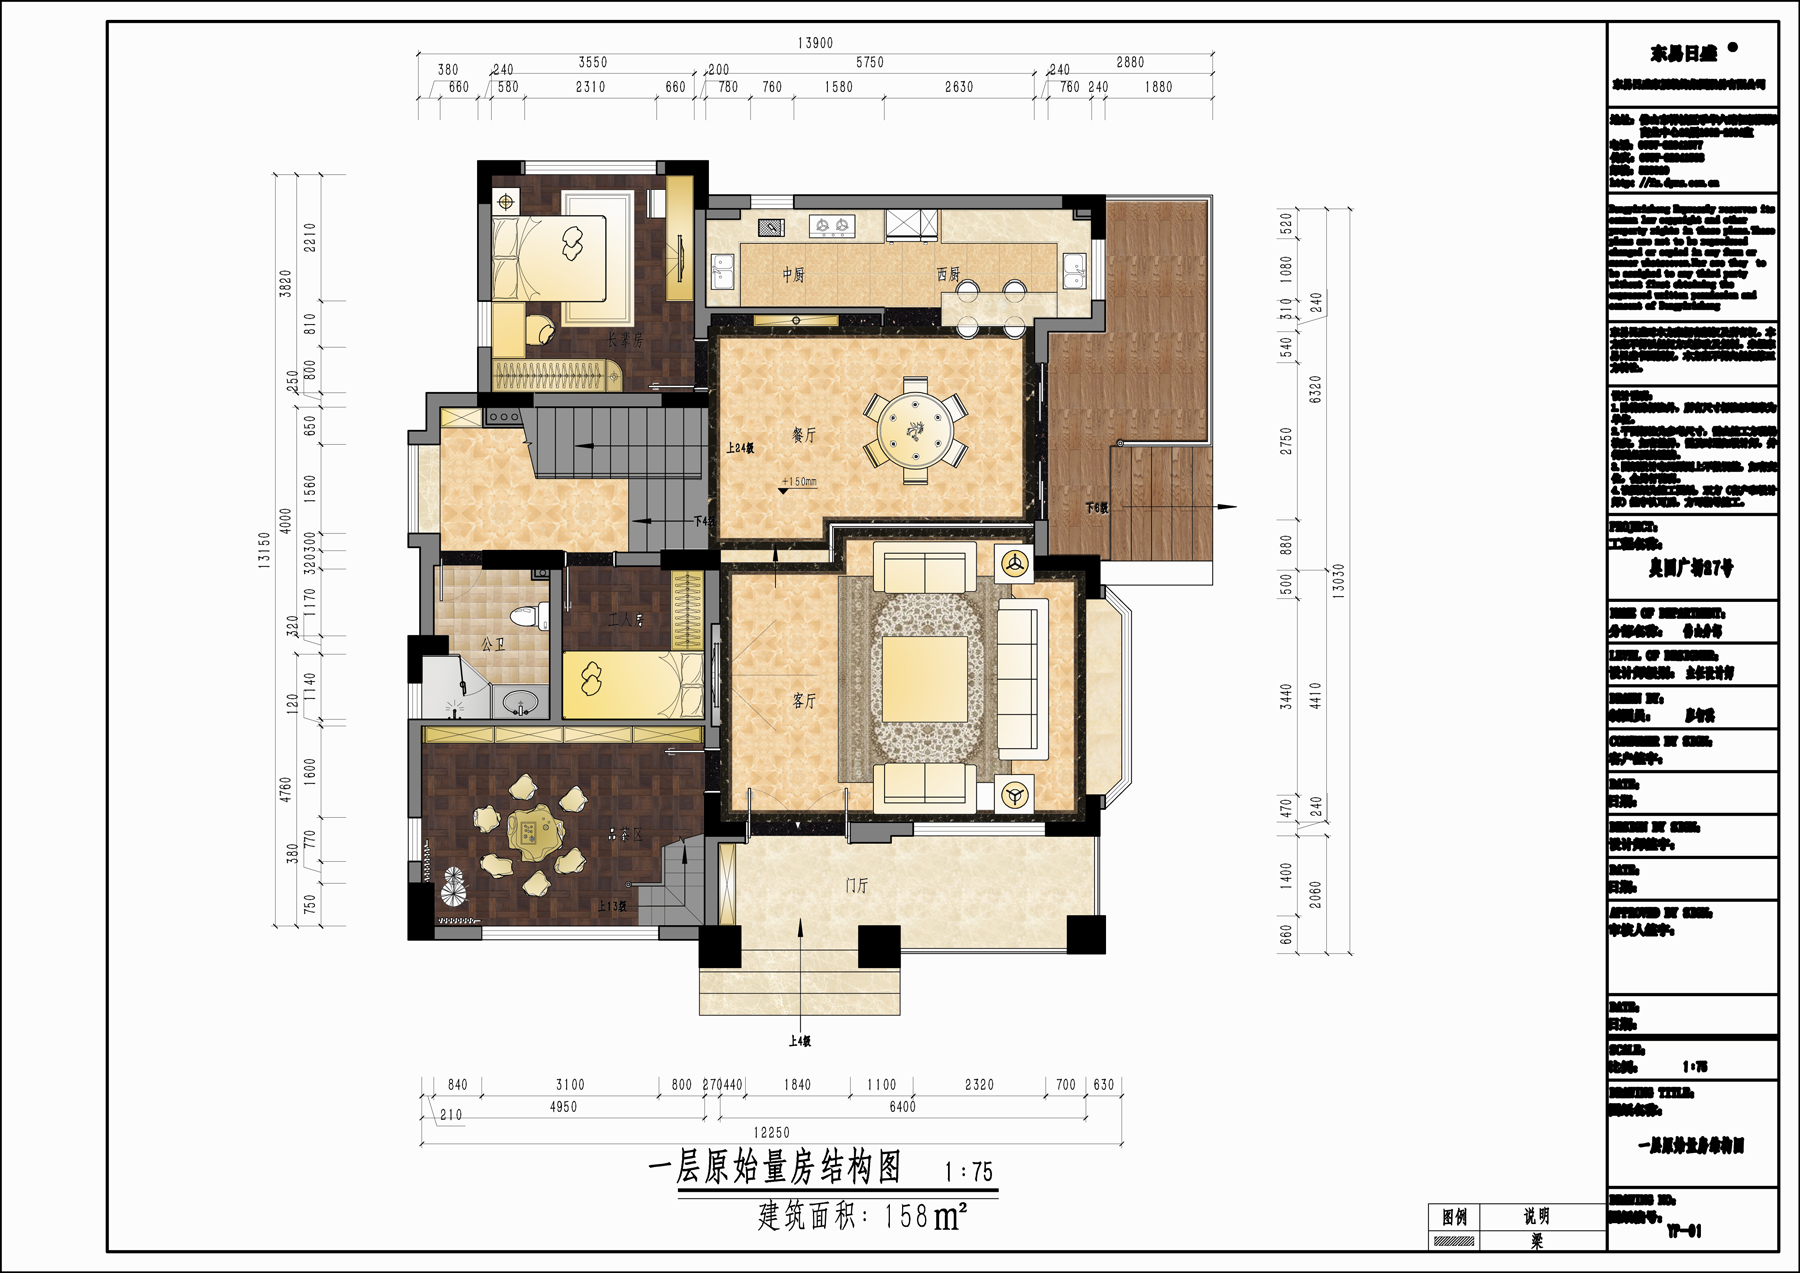 乐从奥园别墅新中式370㎡装修效果图装修设计理念